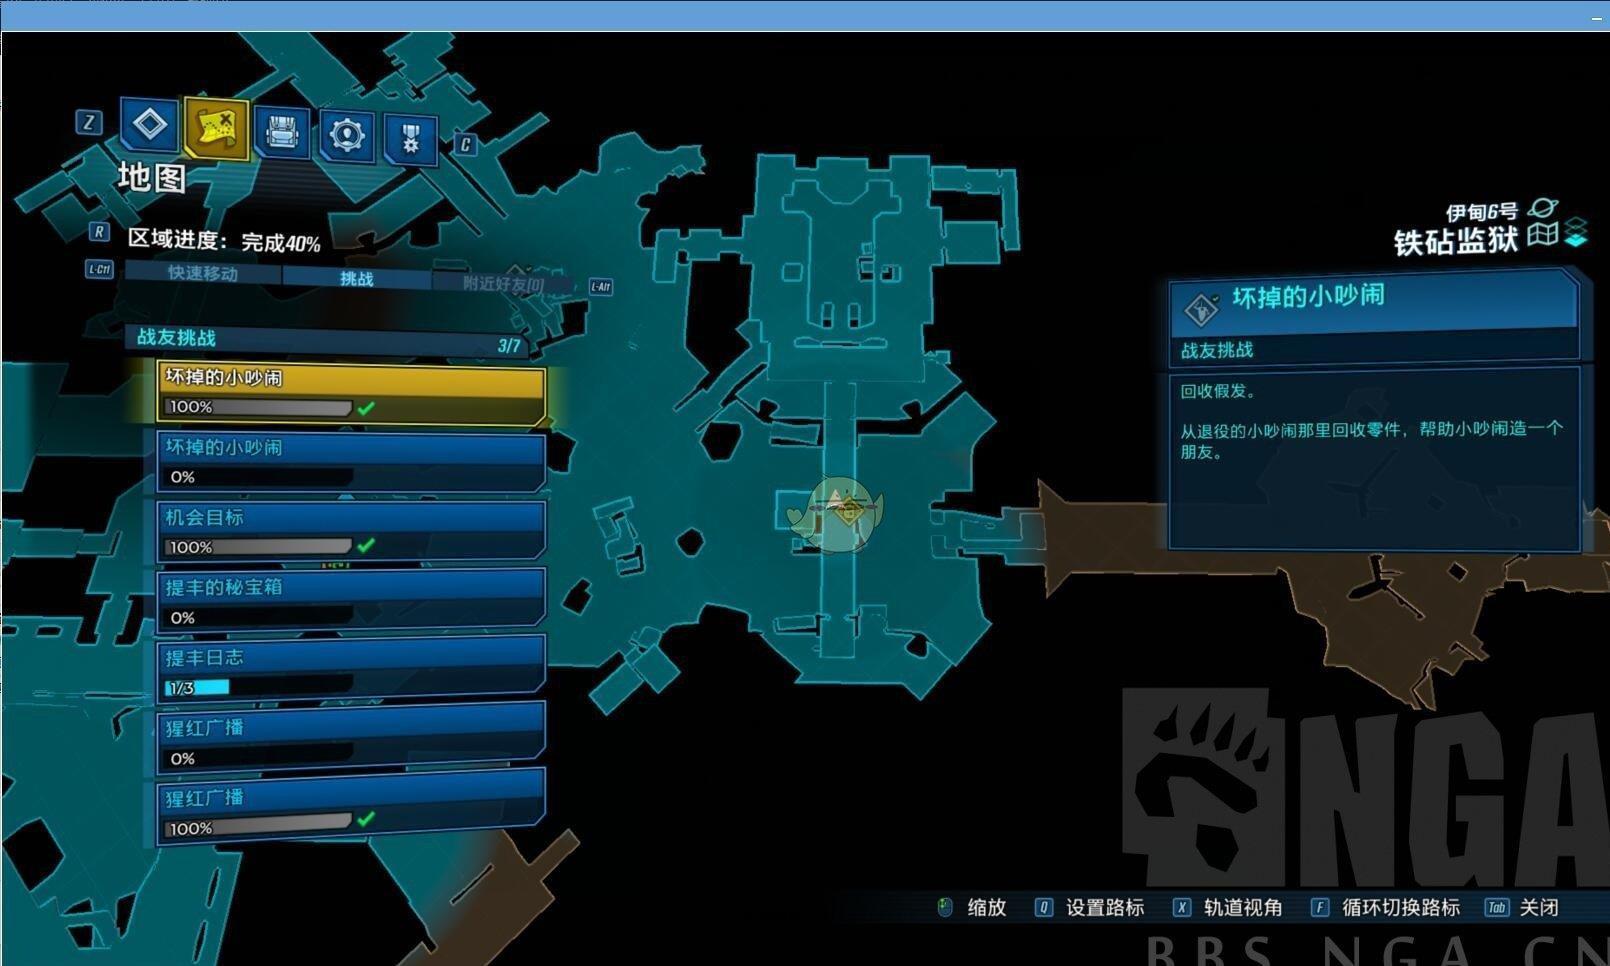 《无主之地3》铁砧监狱走廊上方提丰日志开启方法